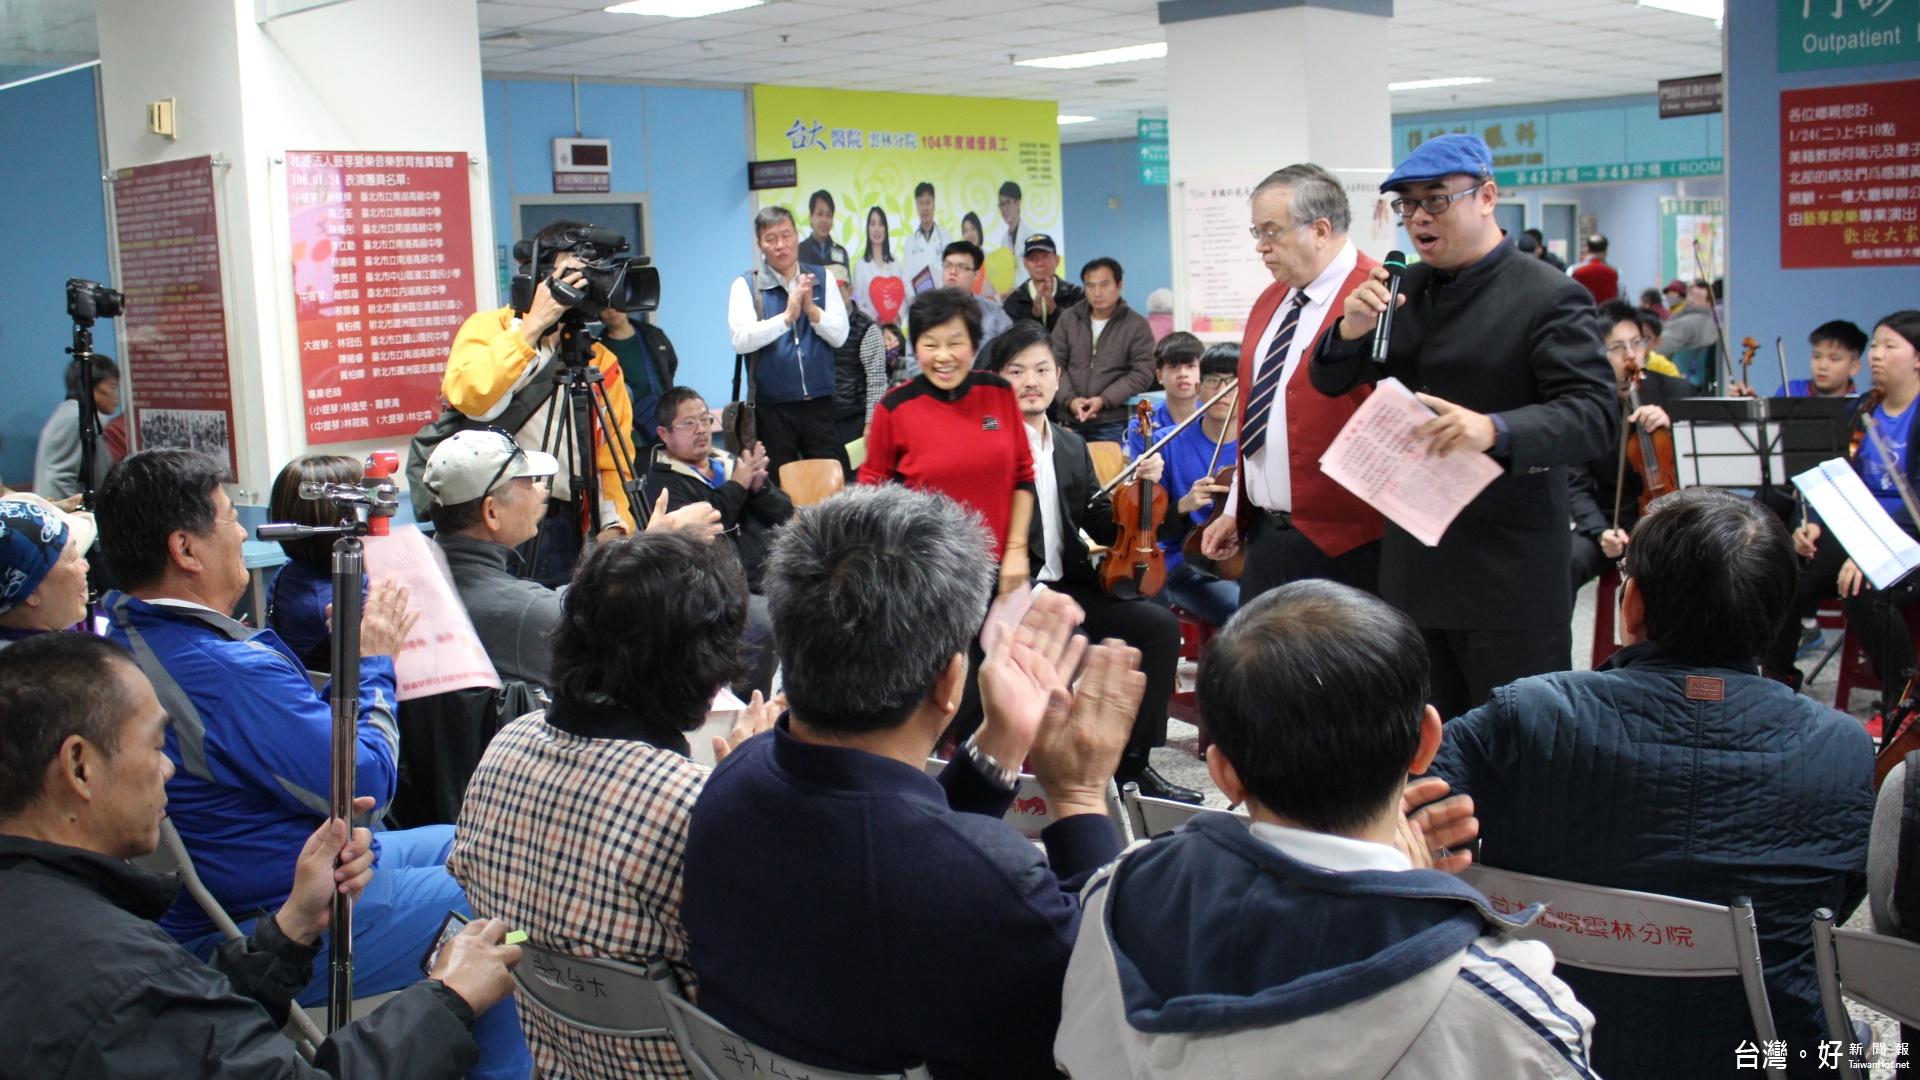 賀院長榮任公益音樂會 台大醫雲分院辦音樂會分享樂病友